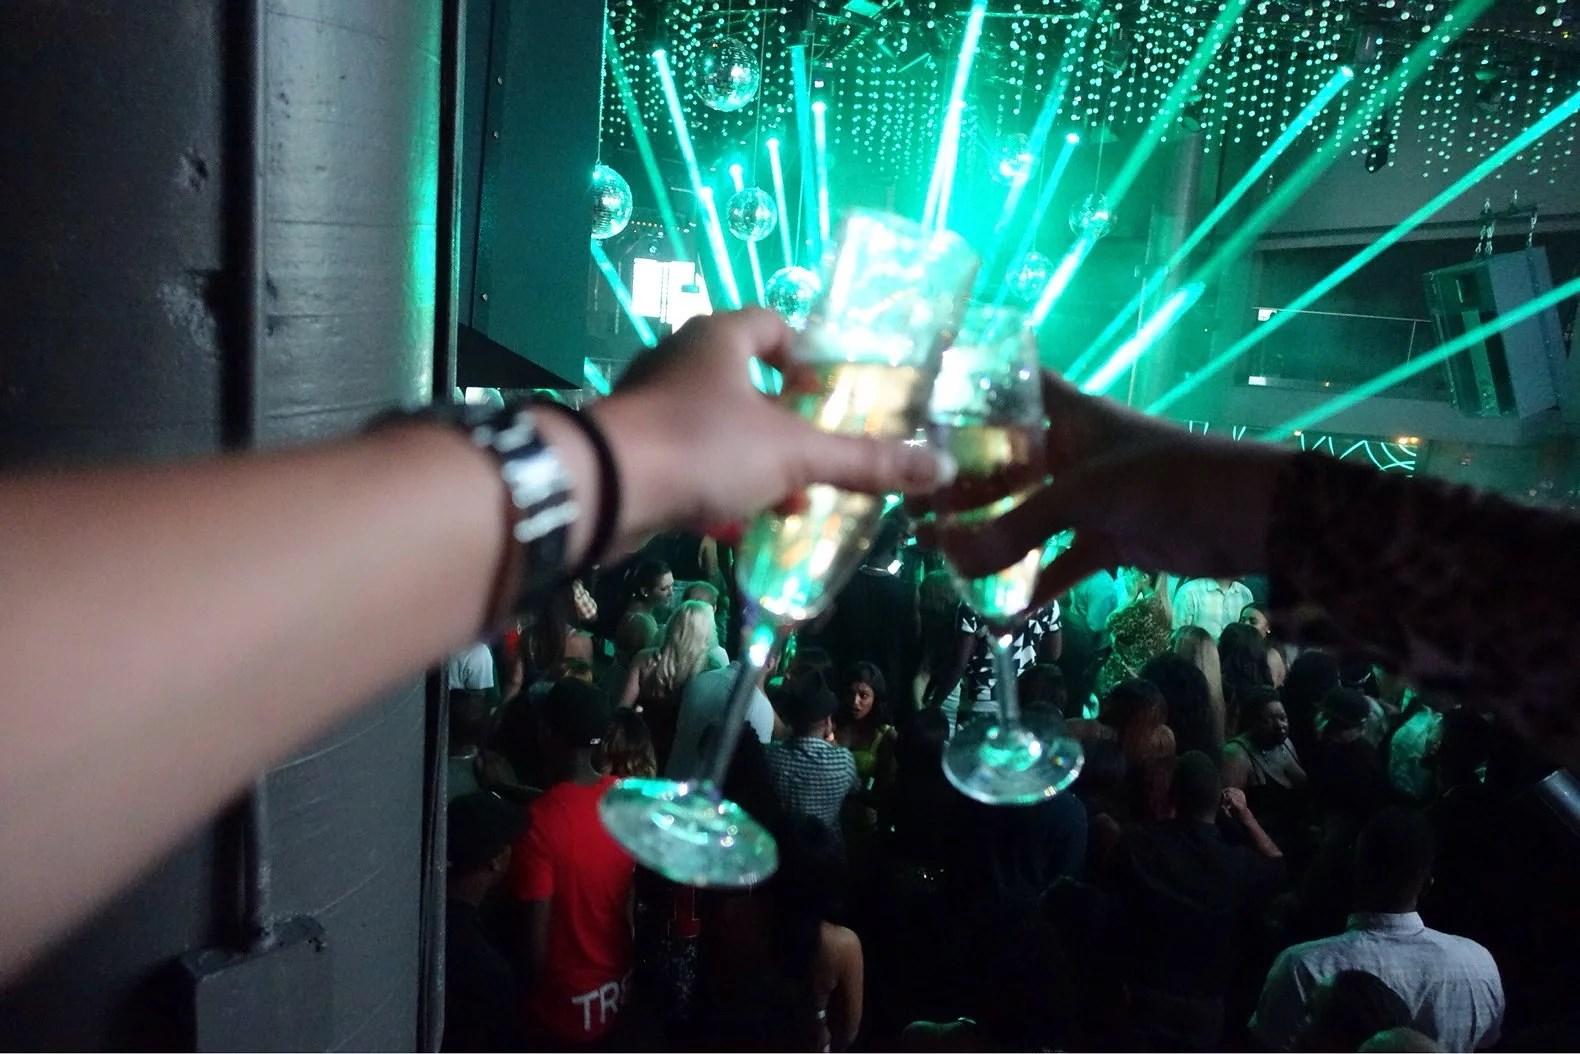 bästa hookup bar i Miami gratis dejtingsajter Kap staden